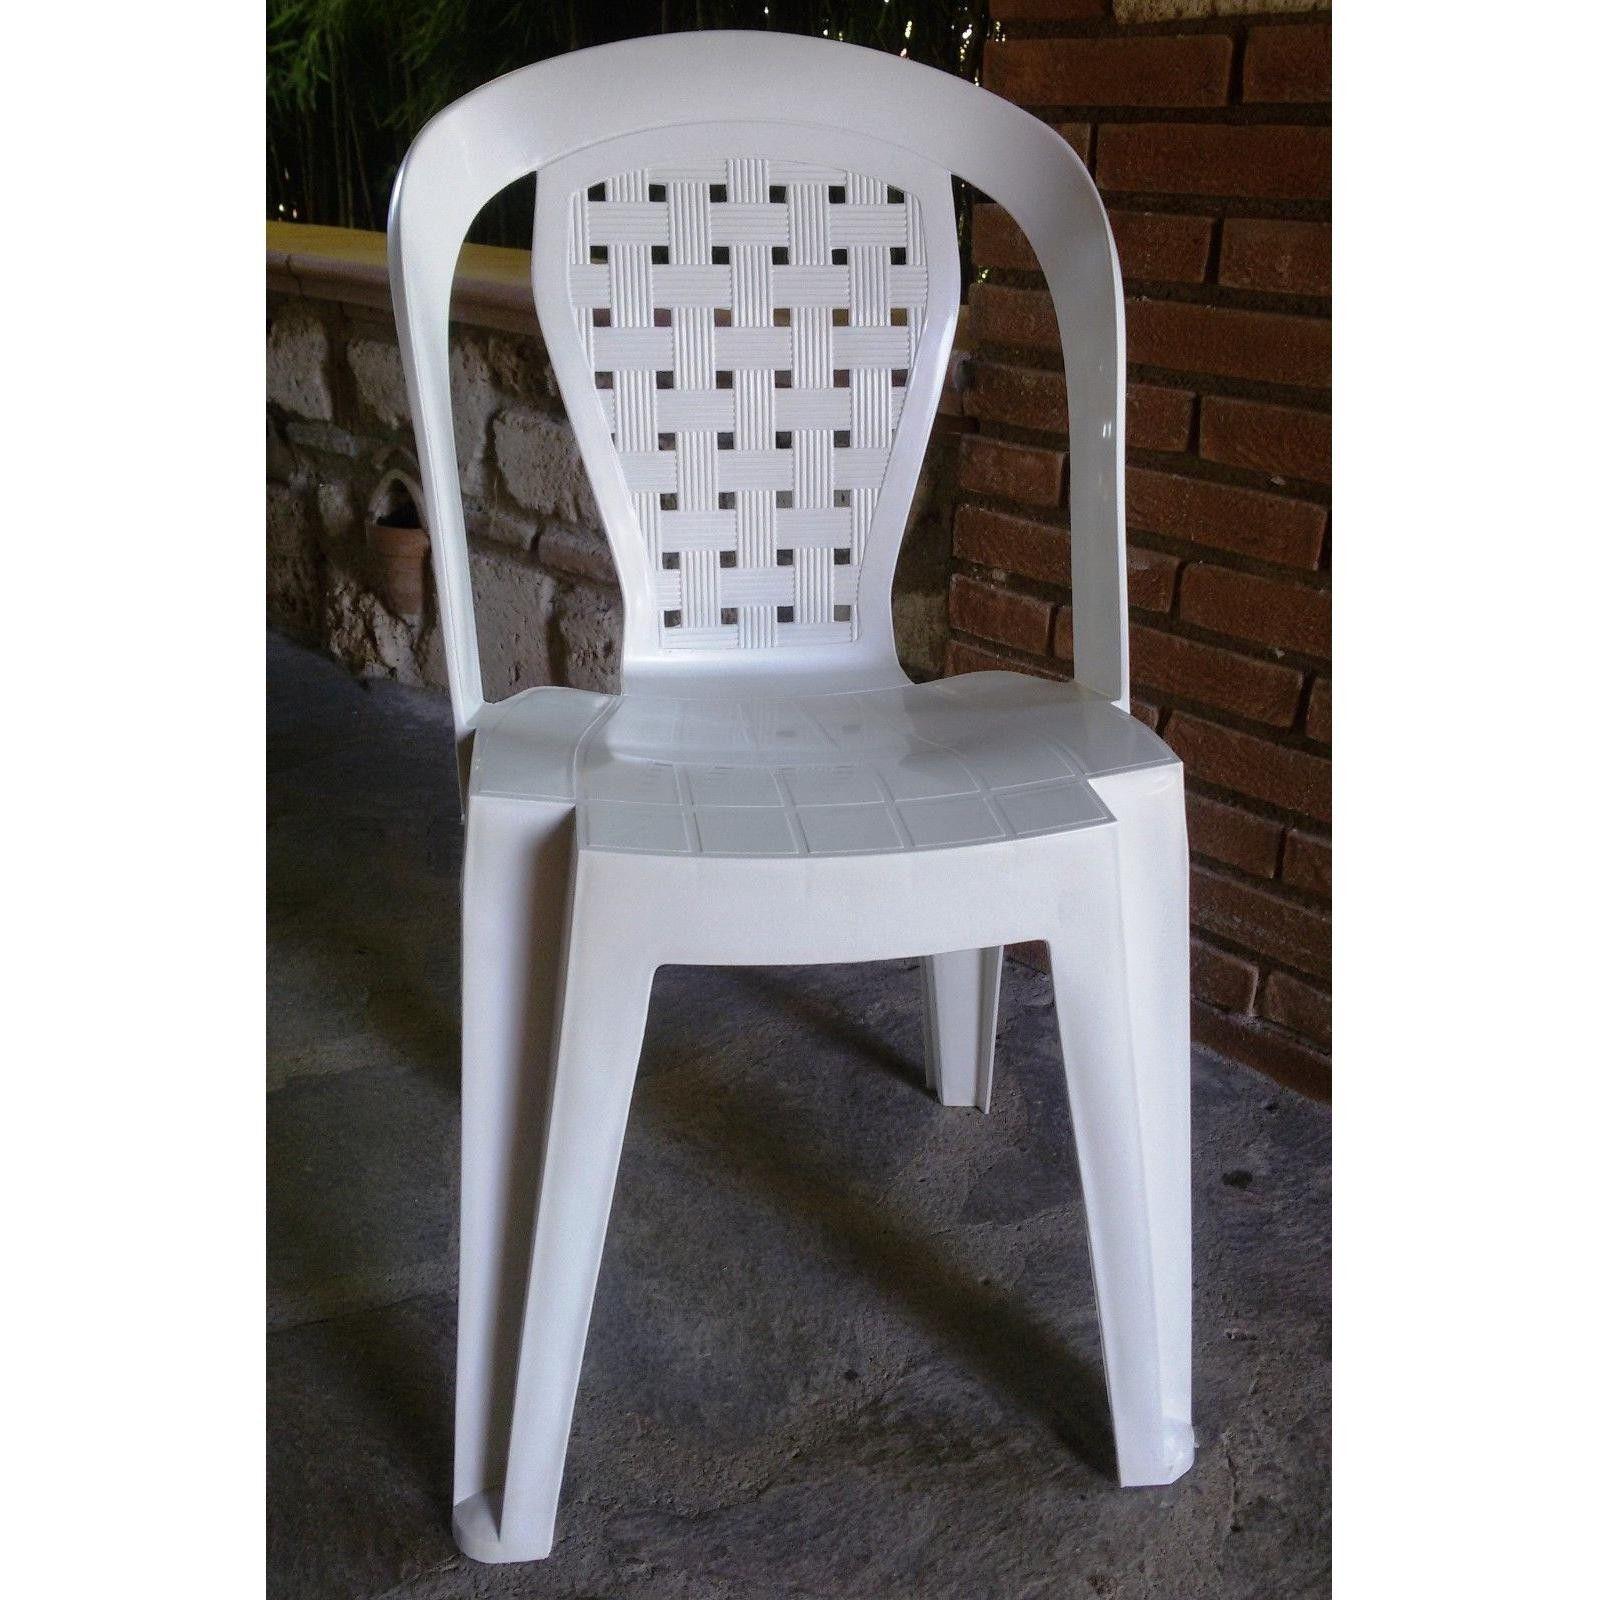 Sedie Di Resina Da Giardino.Sedia In Plastica Giardino Senza Braccioli Colore Bianca Modello